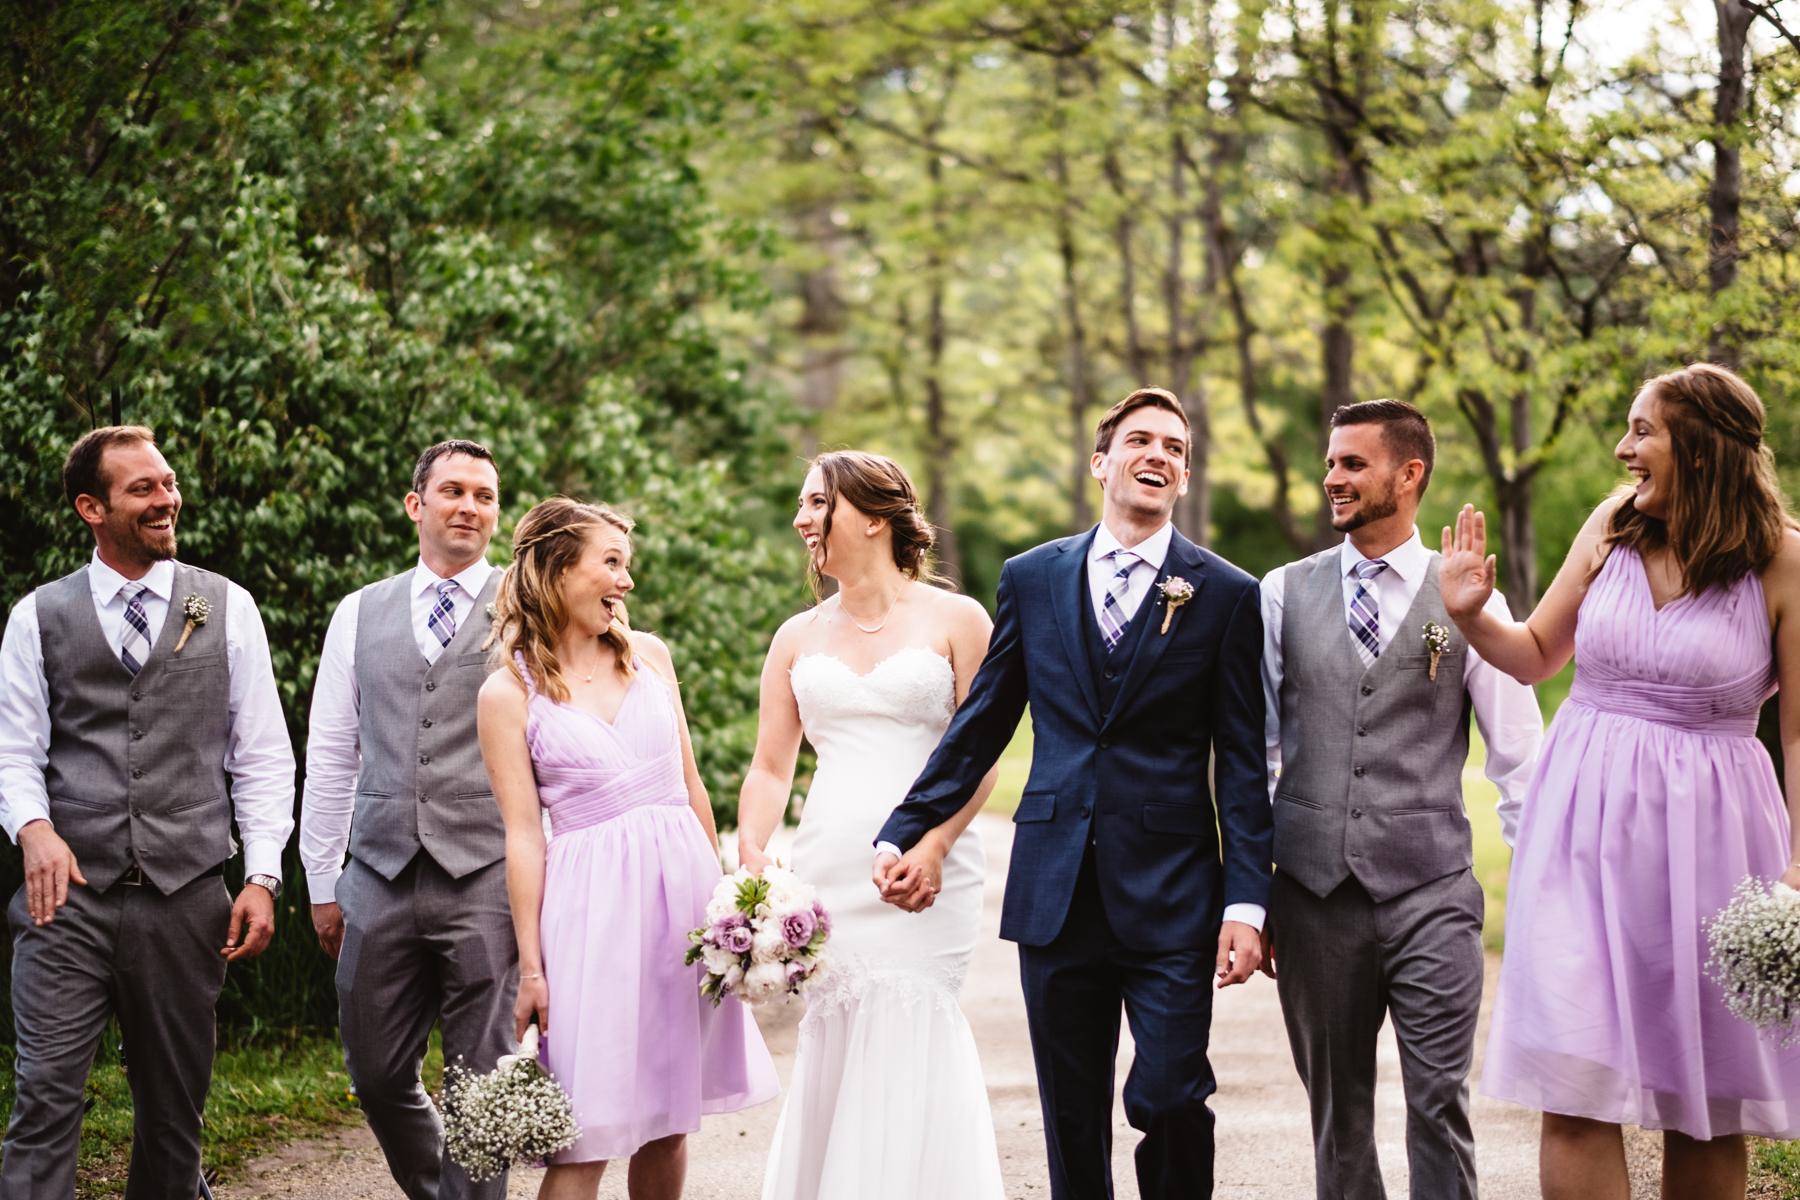 Chelsie+Mike-Lone-Hawk-Farm-Wedding-042.jpg